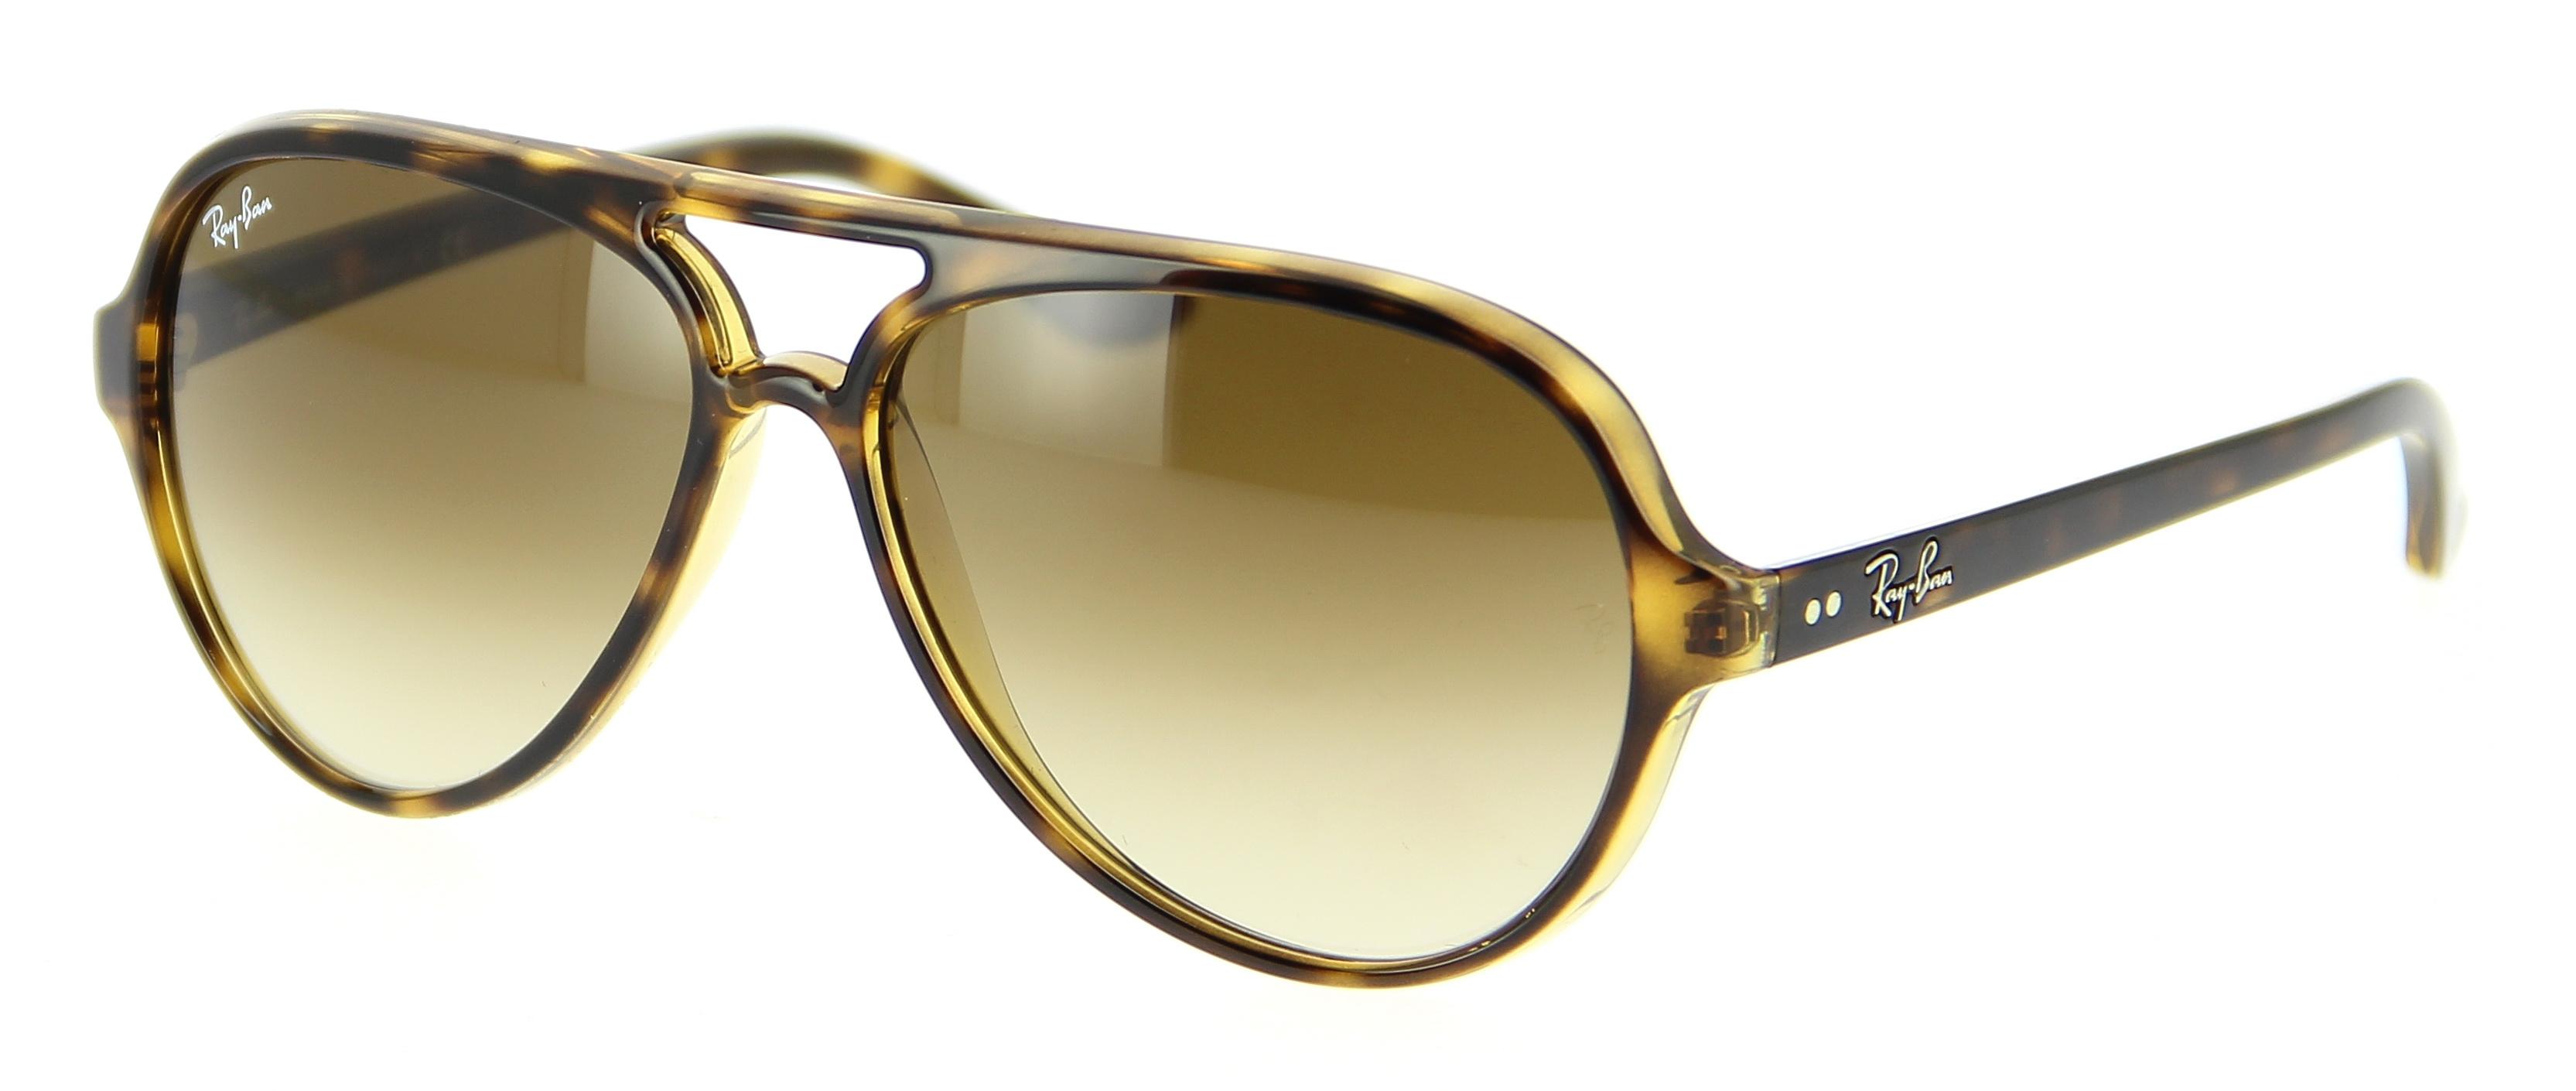 essayer lunettes de soleil sur internet Vous avez besoin de présenter vos collections ou de vous faire connaître sur internet rejoignez le réseau opticvitruve et ses professionnels de l'optique.